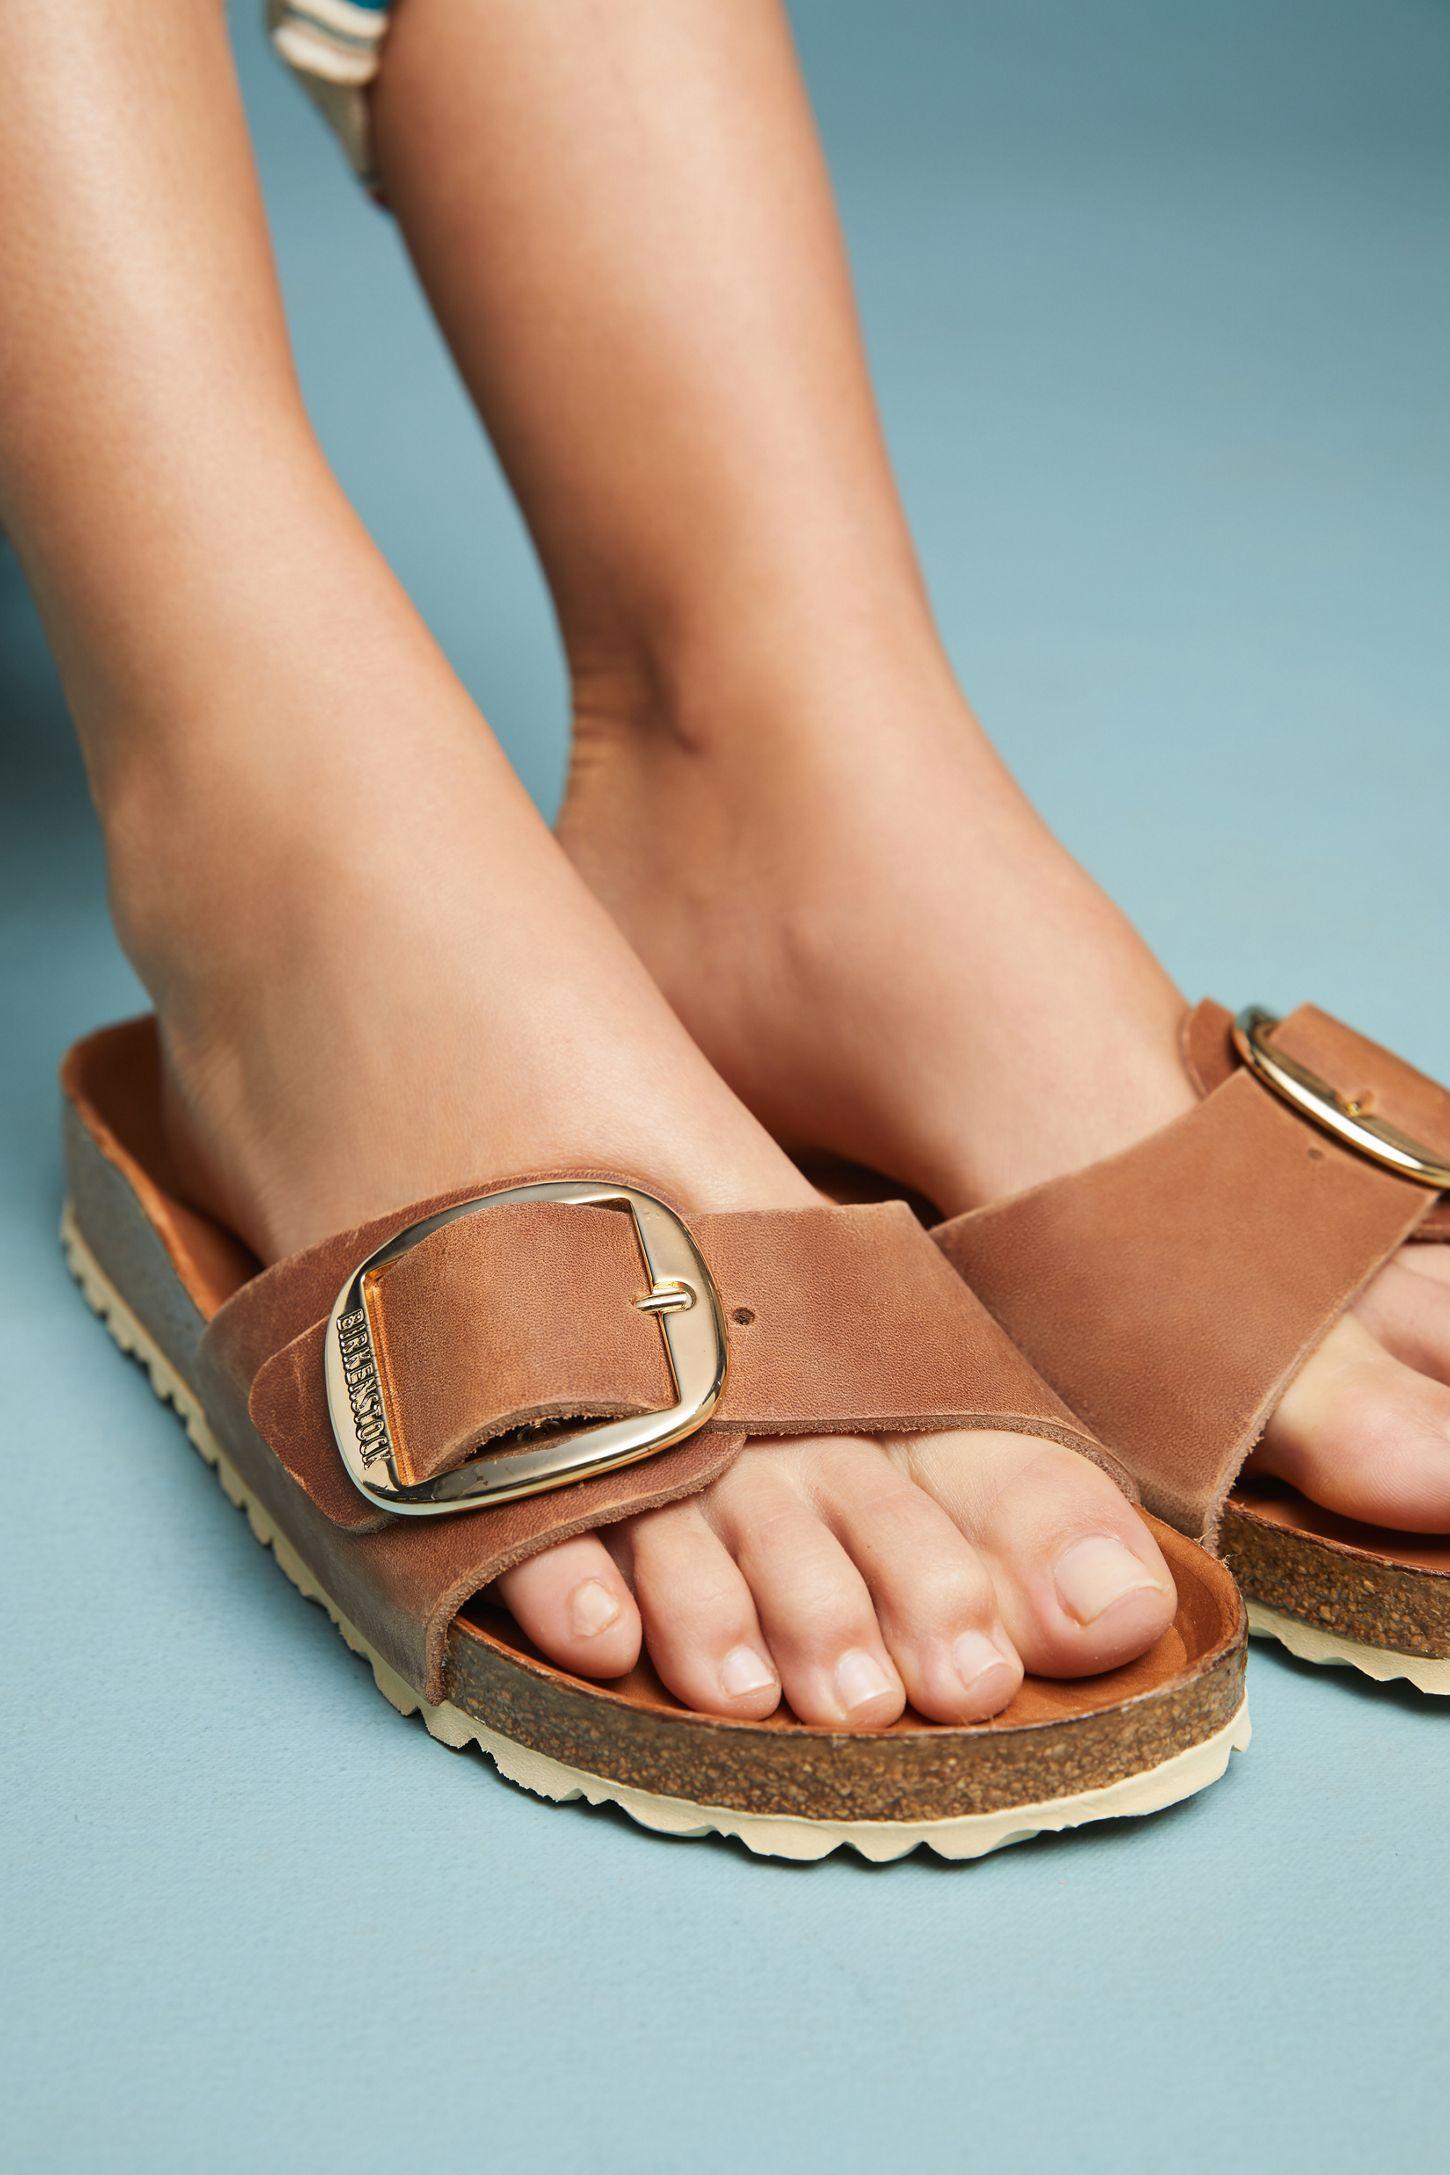 ee828741d5f Birkenstock Madrid Big Buckle Sandals